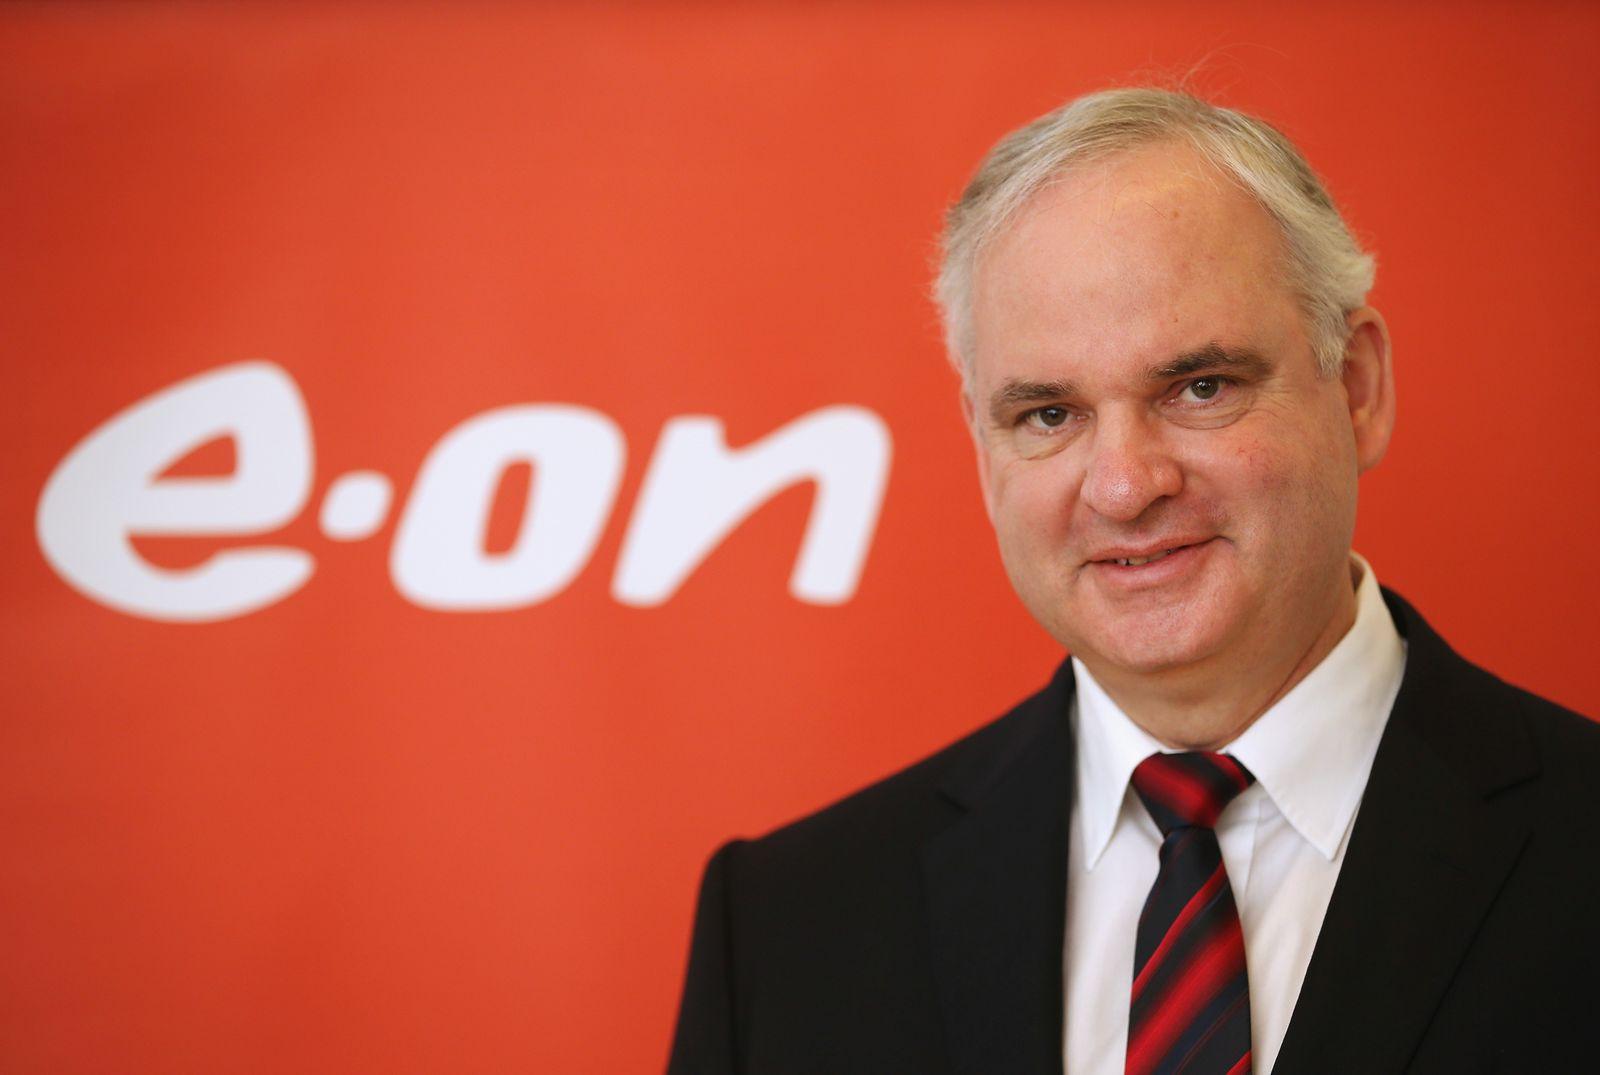 Johannes Teyssen / Eon